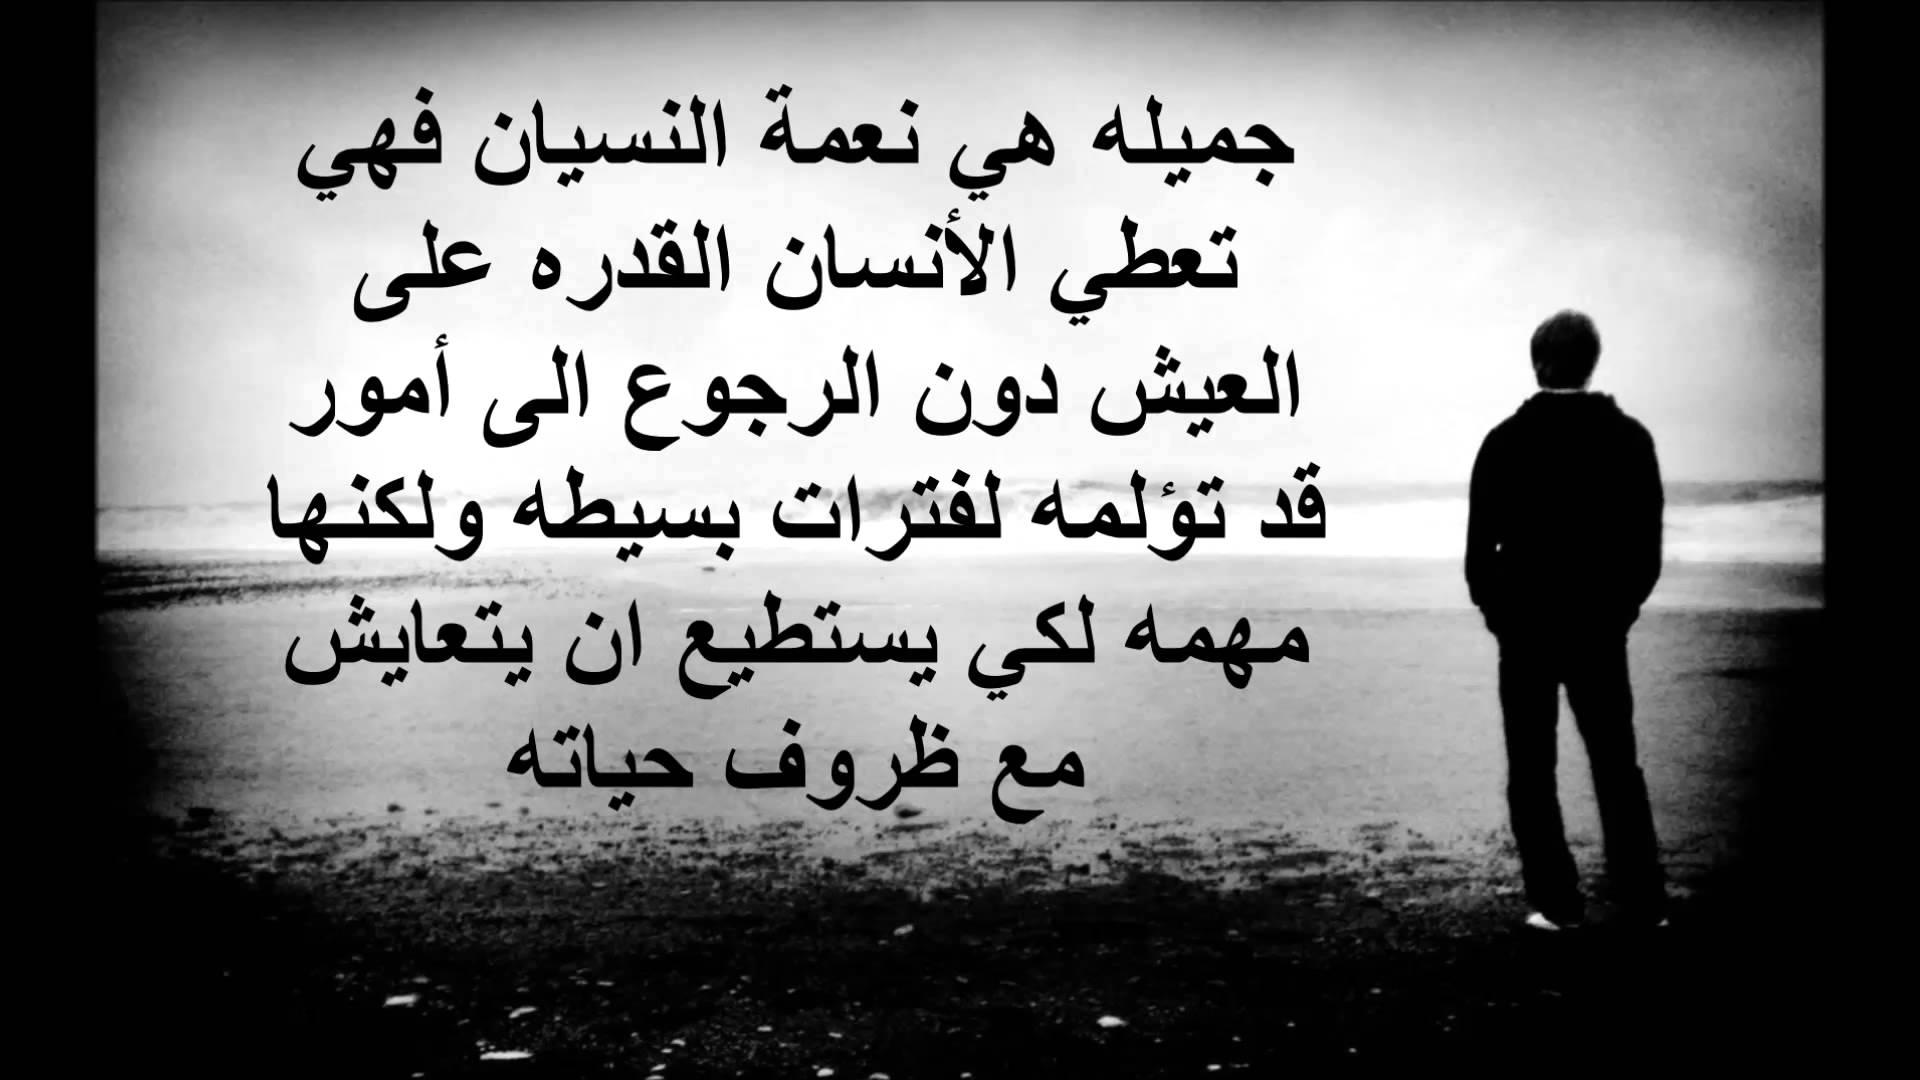 بالصور كلمات حزينه عن الفراق الحبيب , عبارات مؤثرة عن فراق الحبيب 4178 13